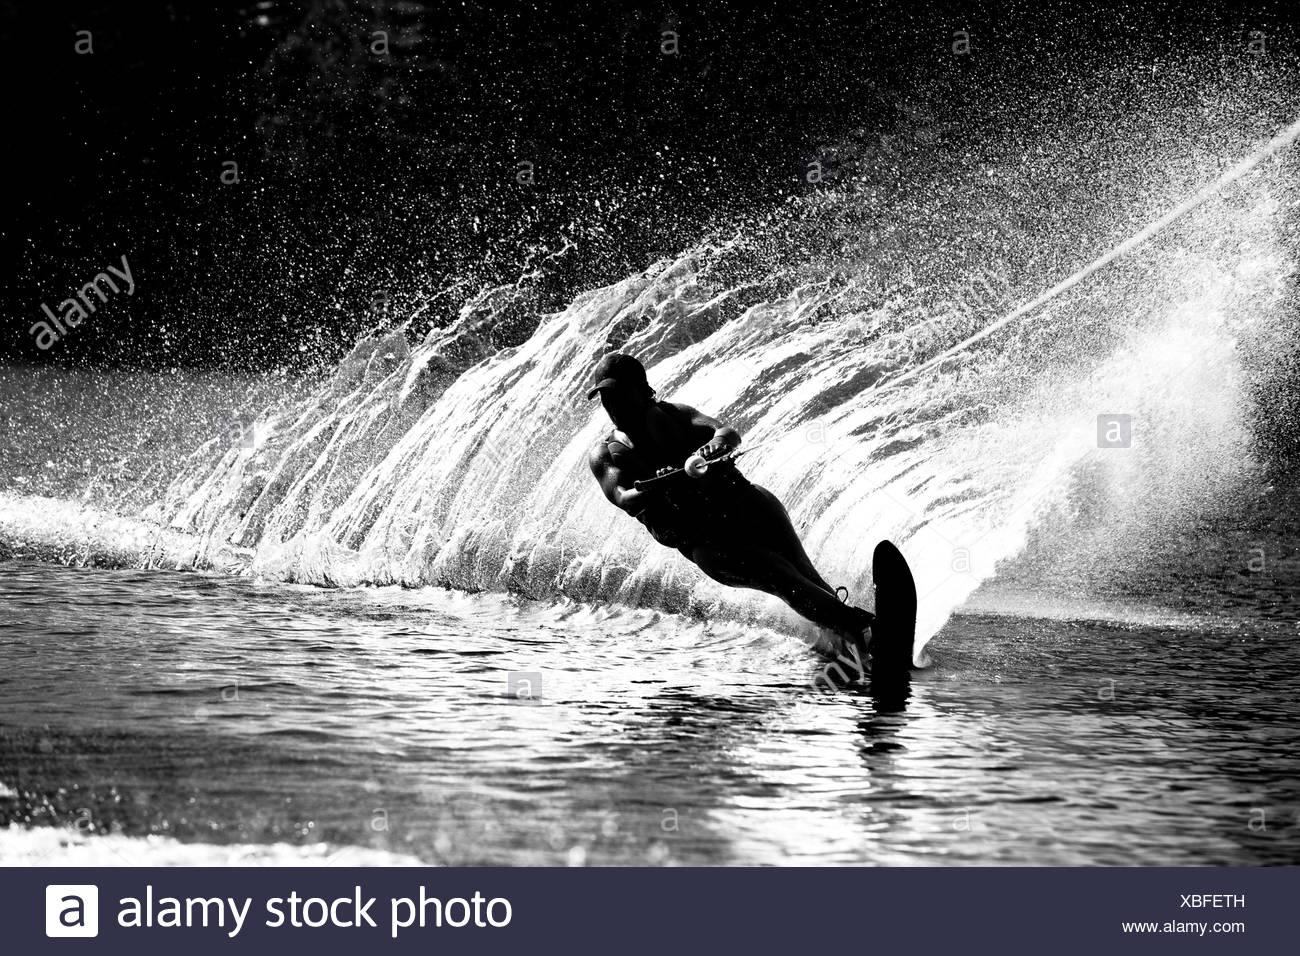 Una femmina di acqua sciatore esegue il rip a sua volta causa un enorme spruzzo di acqua durante la pratica dello sci sul lago Cobbosseecontee vicino Monmouth, Maine. Immagini Stock